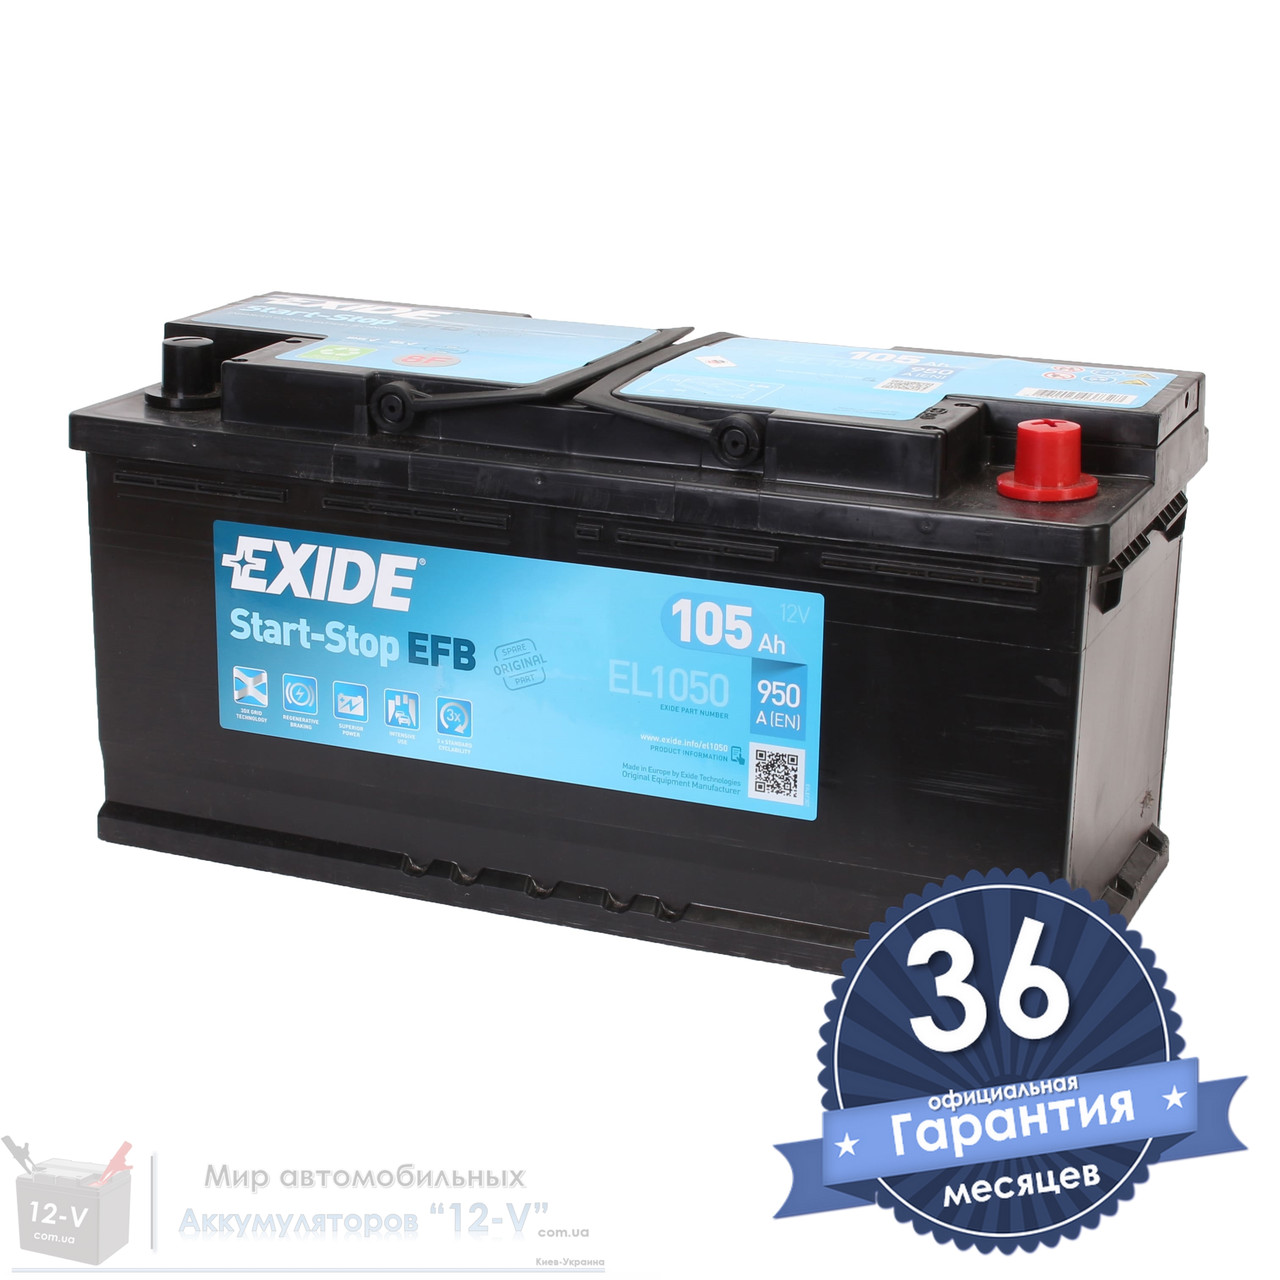 Аккумулятор автомобильный EXIDE EFB 6CT 105Ah, пусковой ток 950А [–|+] (EL1050)